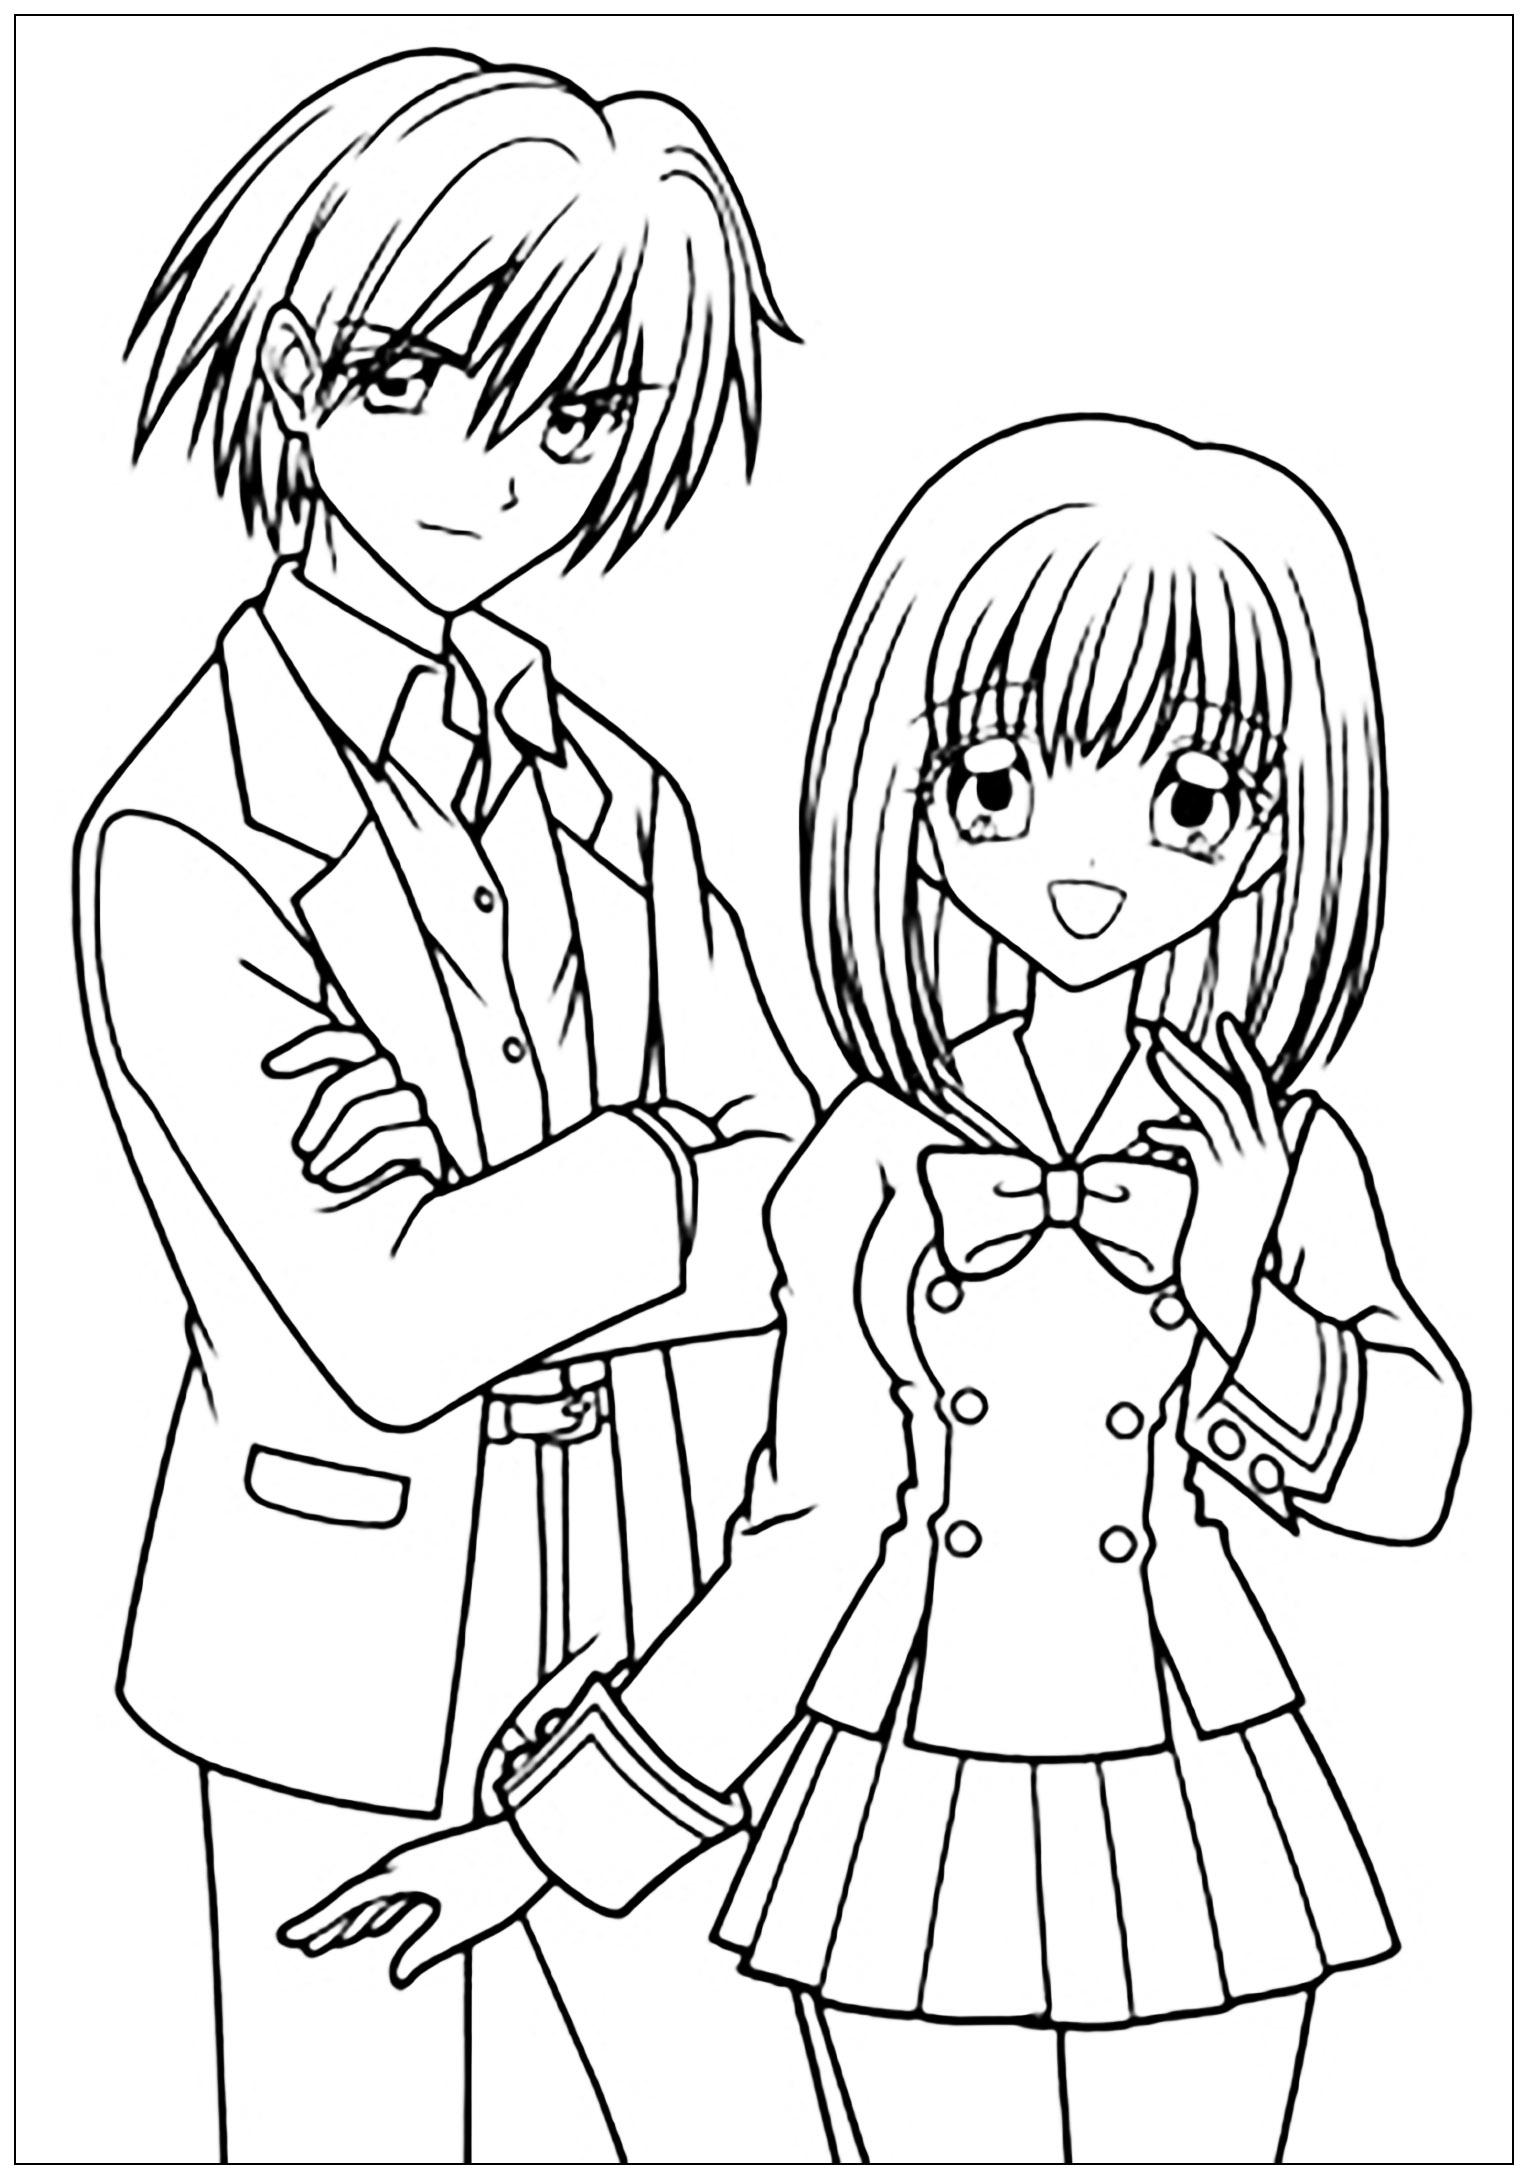 Garcon Et Fille Manga Tenue Scolaire - Mangas / Animés intérieur Dessin À Colorier Garçon